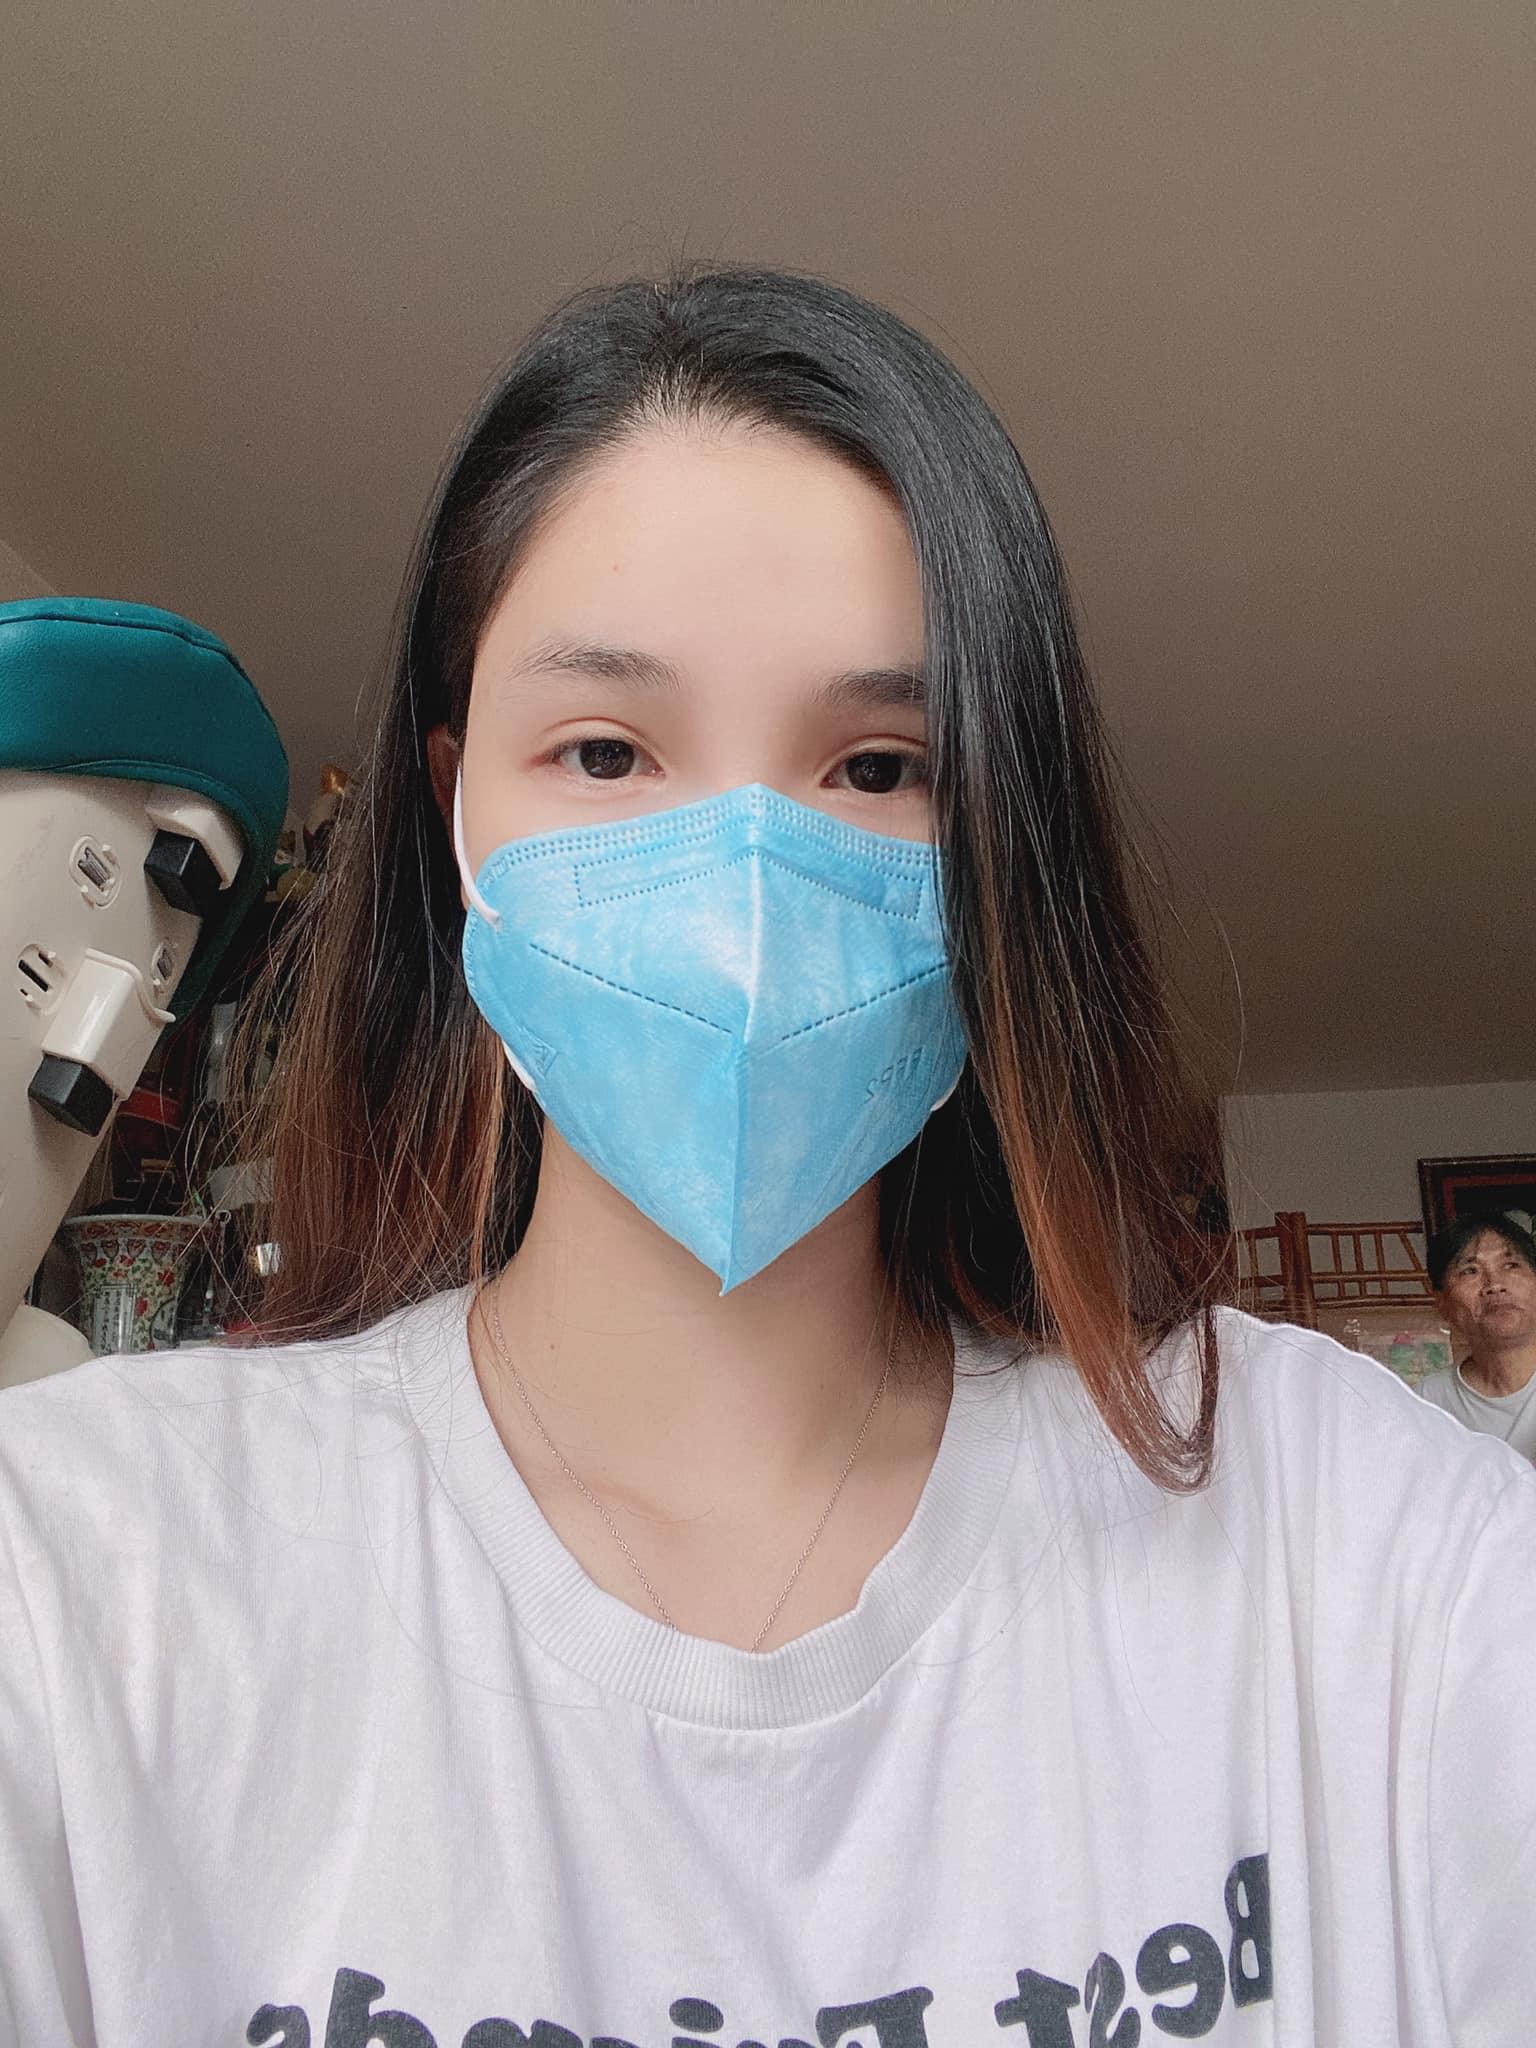 Cuối tuần của hội hot mom: Bé Sa nhà Quỳnh Trần JP có diện mạo khác lạ, con gái MC Minh Trang háo hức về vườn vặt khế đem phơi - Ảnh 9.